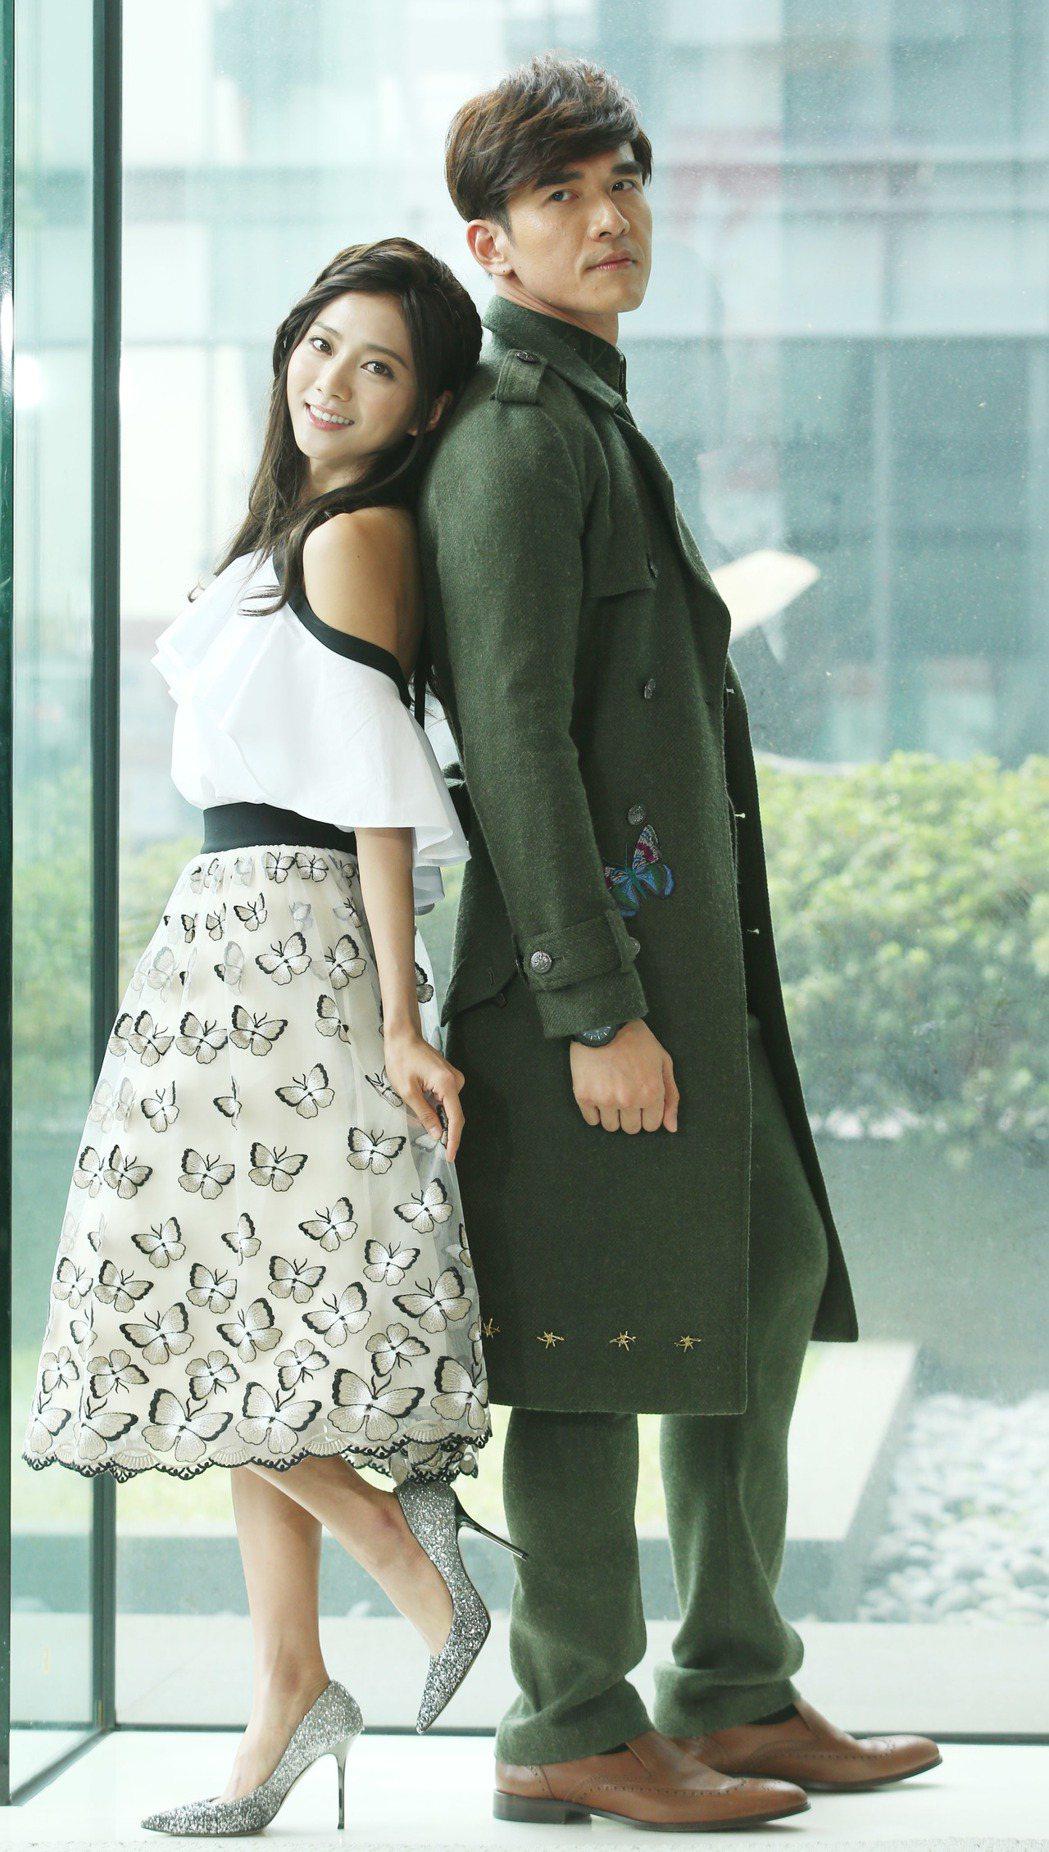 楊一展(右)與蔡黃汝演出三立新戲「我的愛情不平凡」。記者陳瑞源/攝影